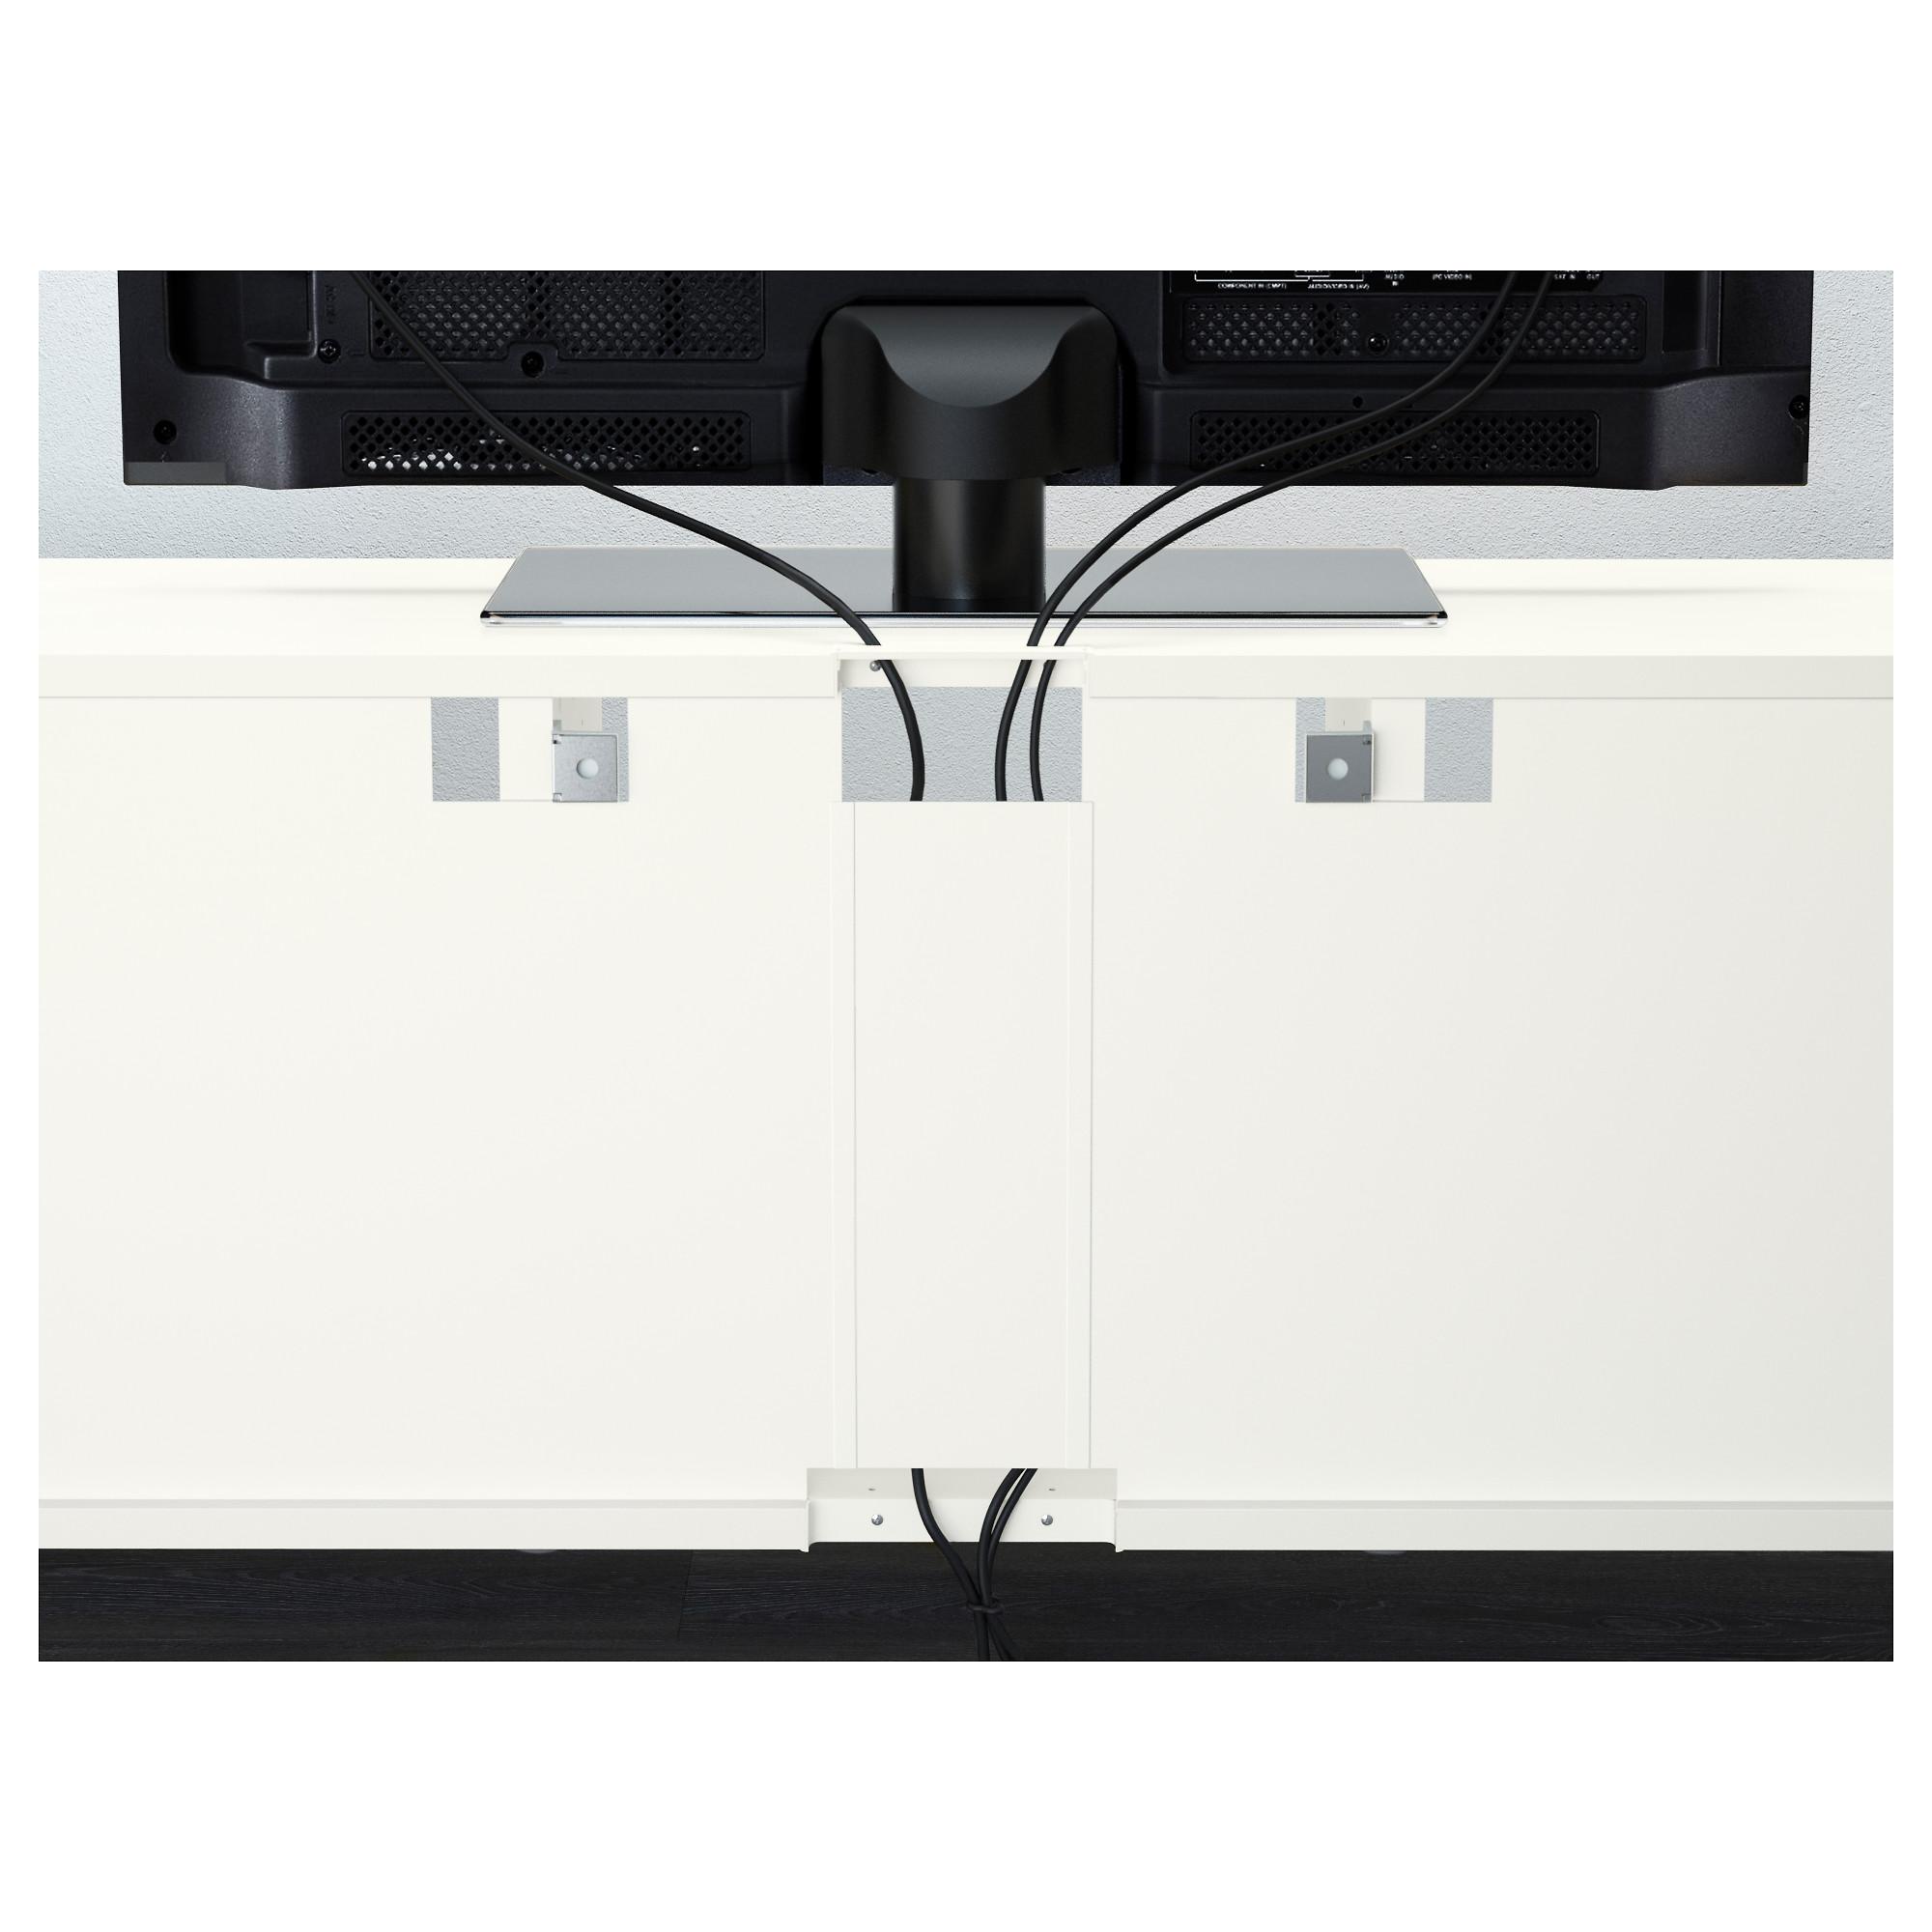 Шкаф для ТВ, комбинированный, стекляные дверцы БЕСТО белый артикуль № 092.501.41 в наличии. Интернет магазин IKEA РБ. Недорогая доставка и соборка.